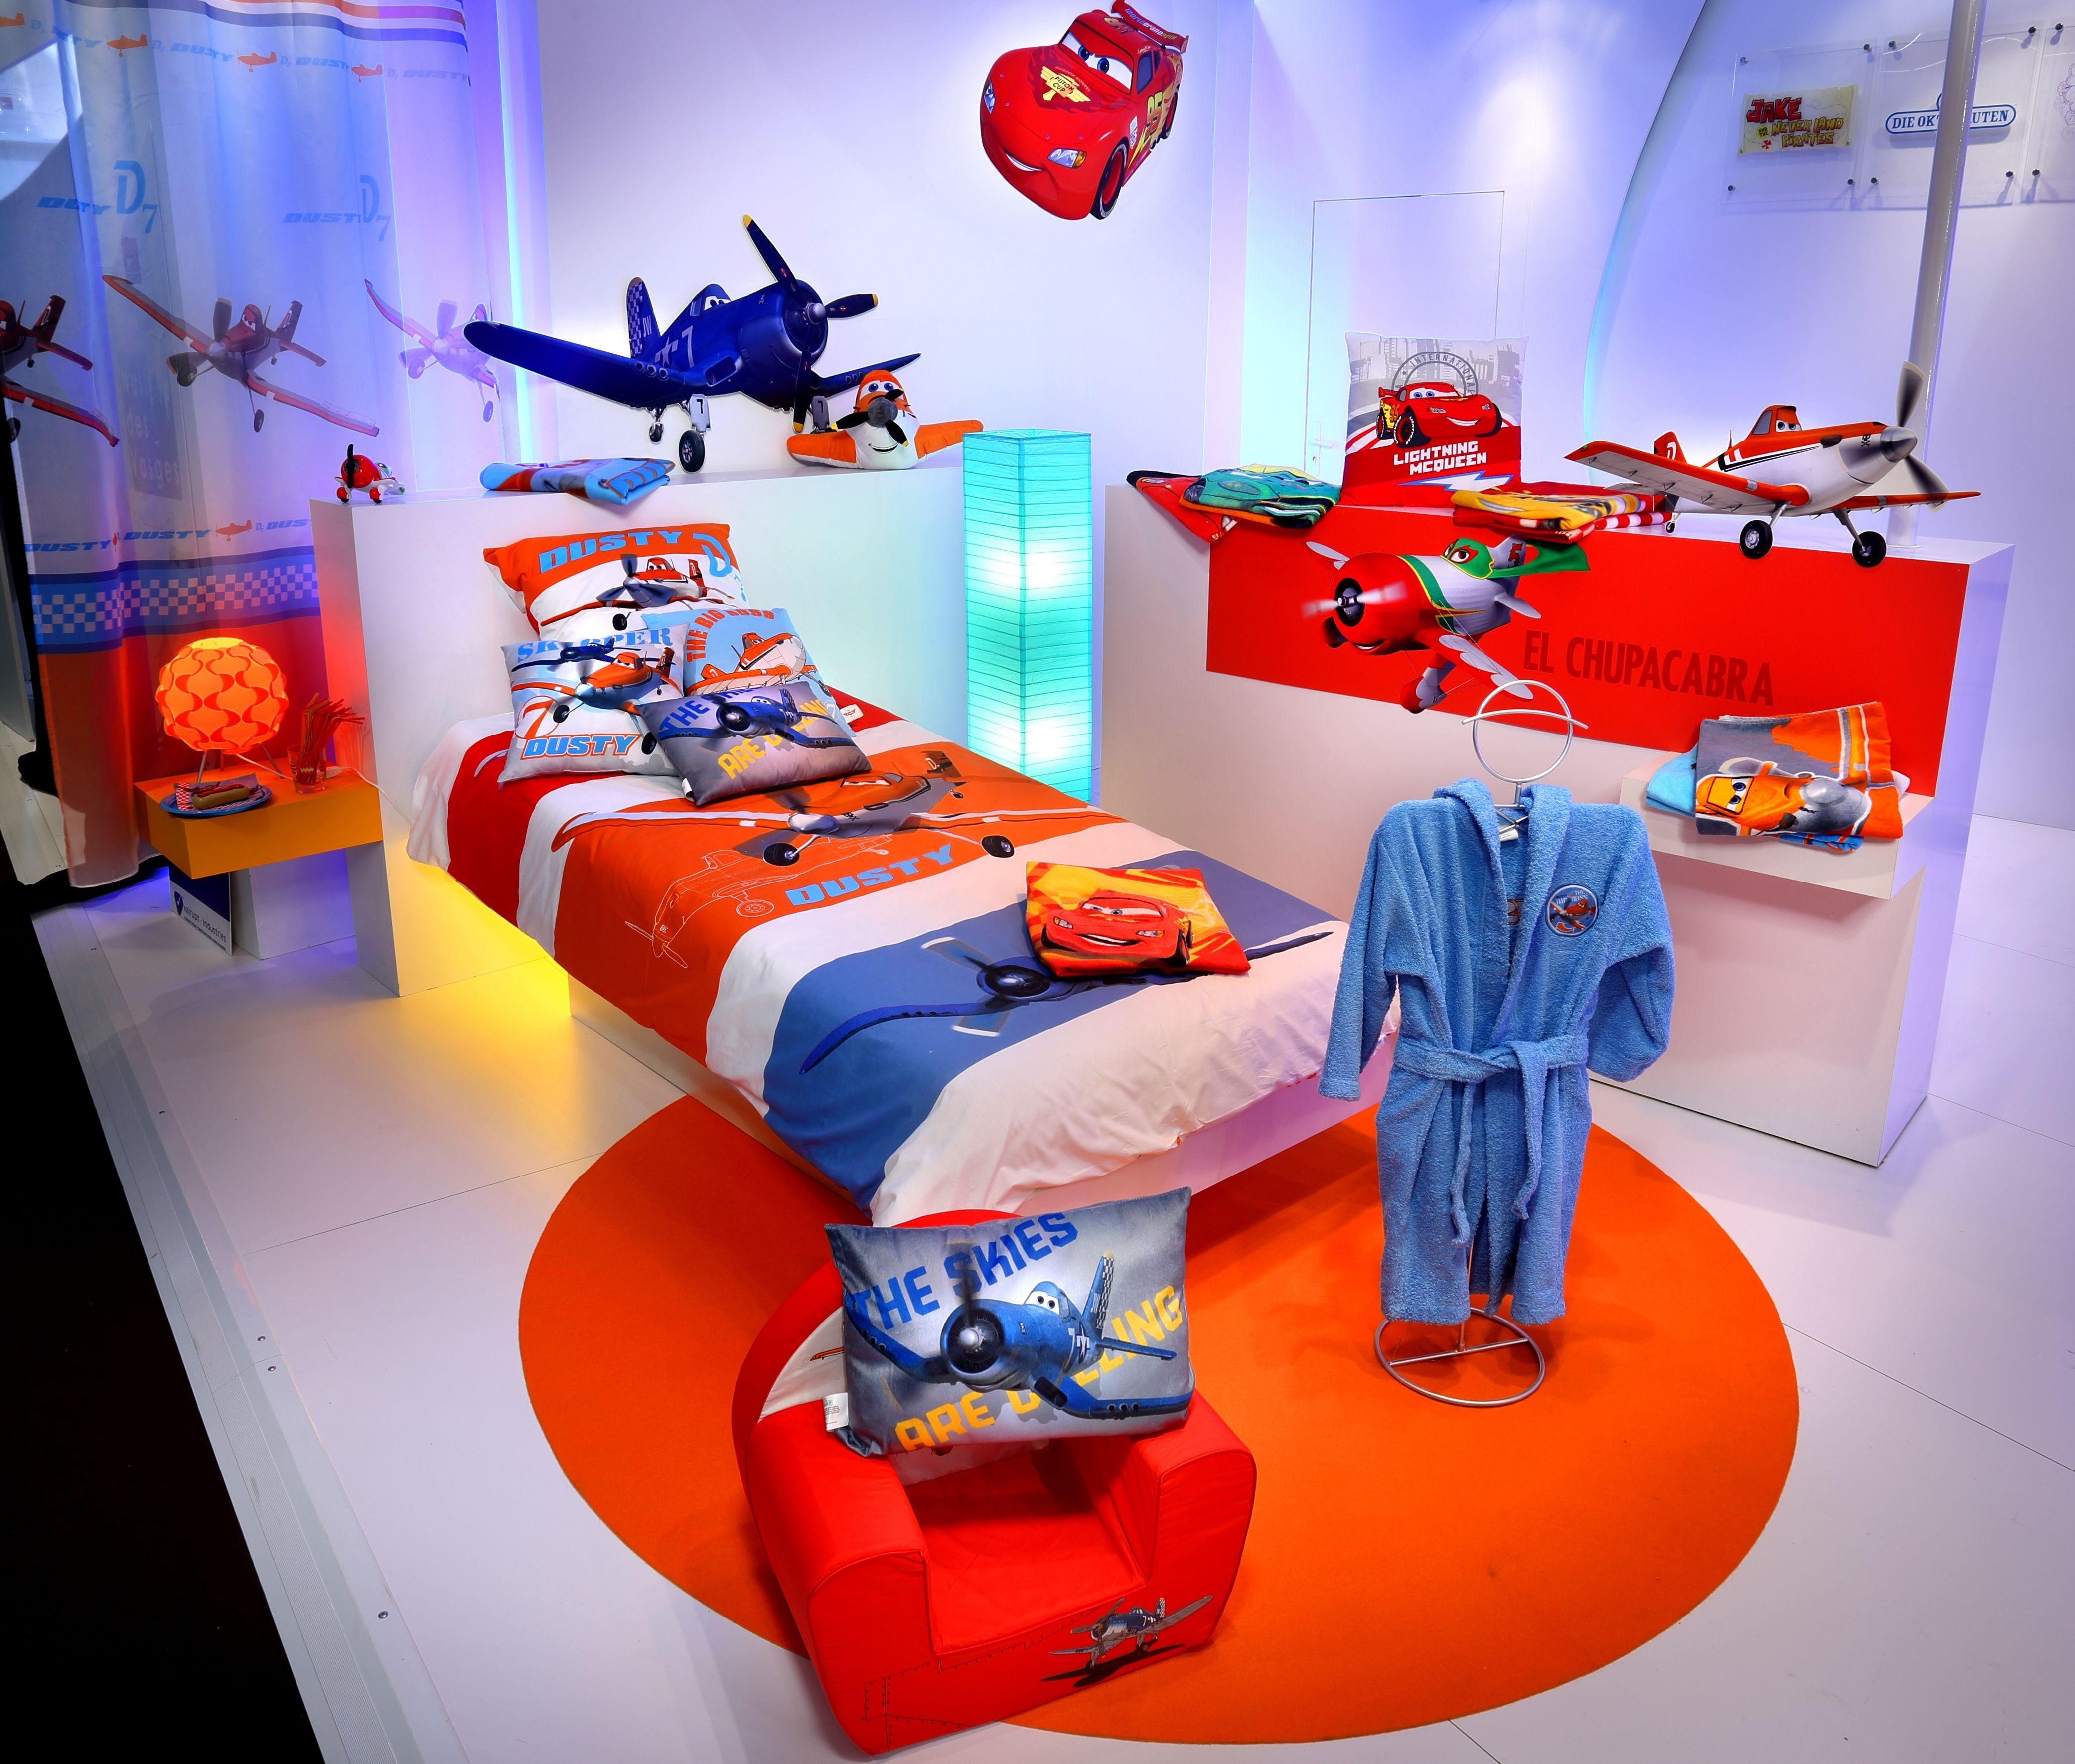 Lit Enfant Disney Beau Univers Cars Planes Dusty Red Rouge Disney Children Bed